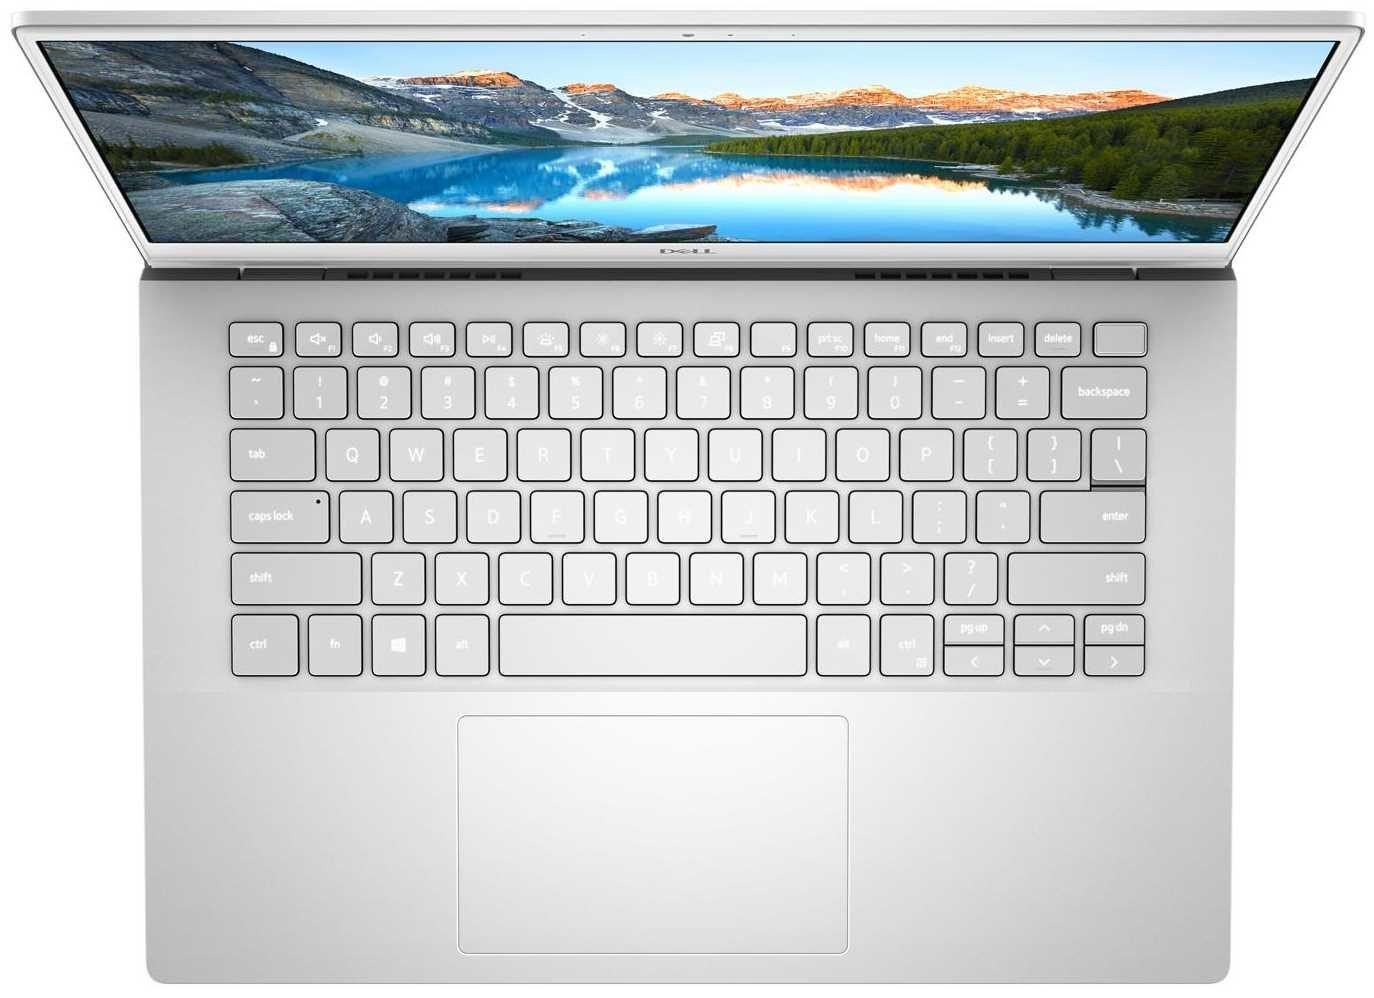 Laptop DELL Inspiron 14 5401 - podświetlenie klawiatury